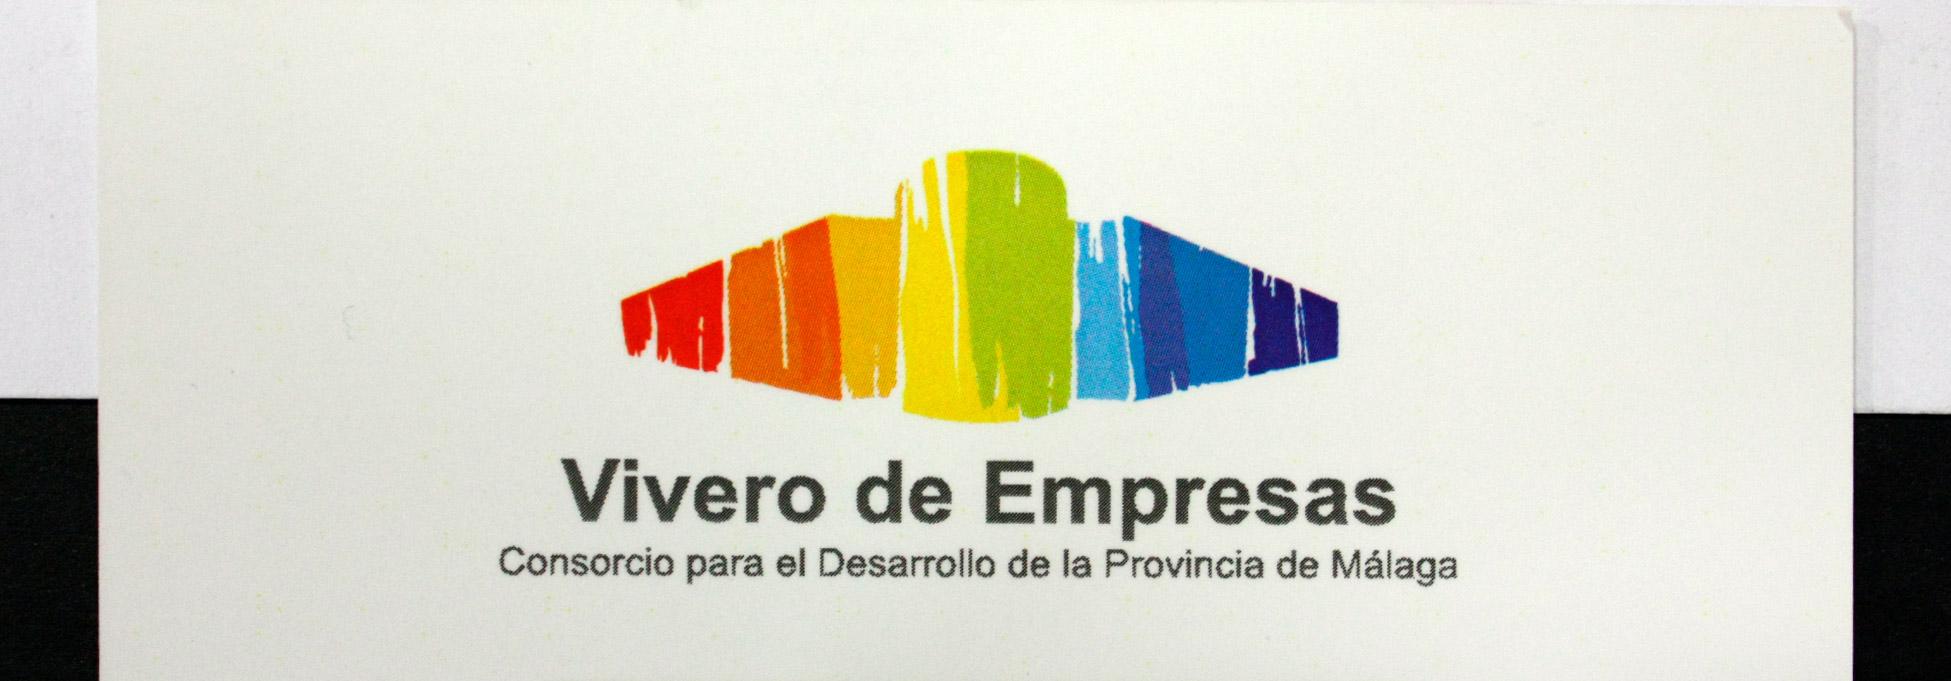 Vivero de Empresas Identidad Corporativa Fans Marketing Málaga